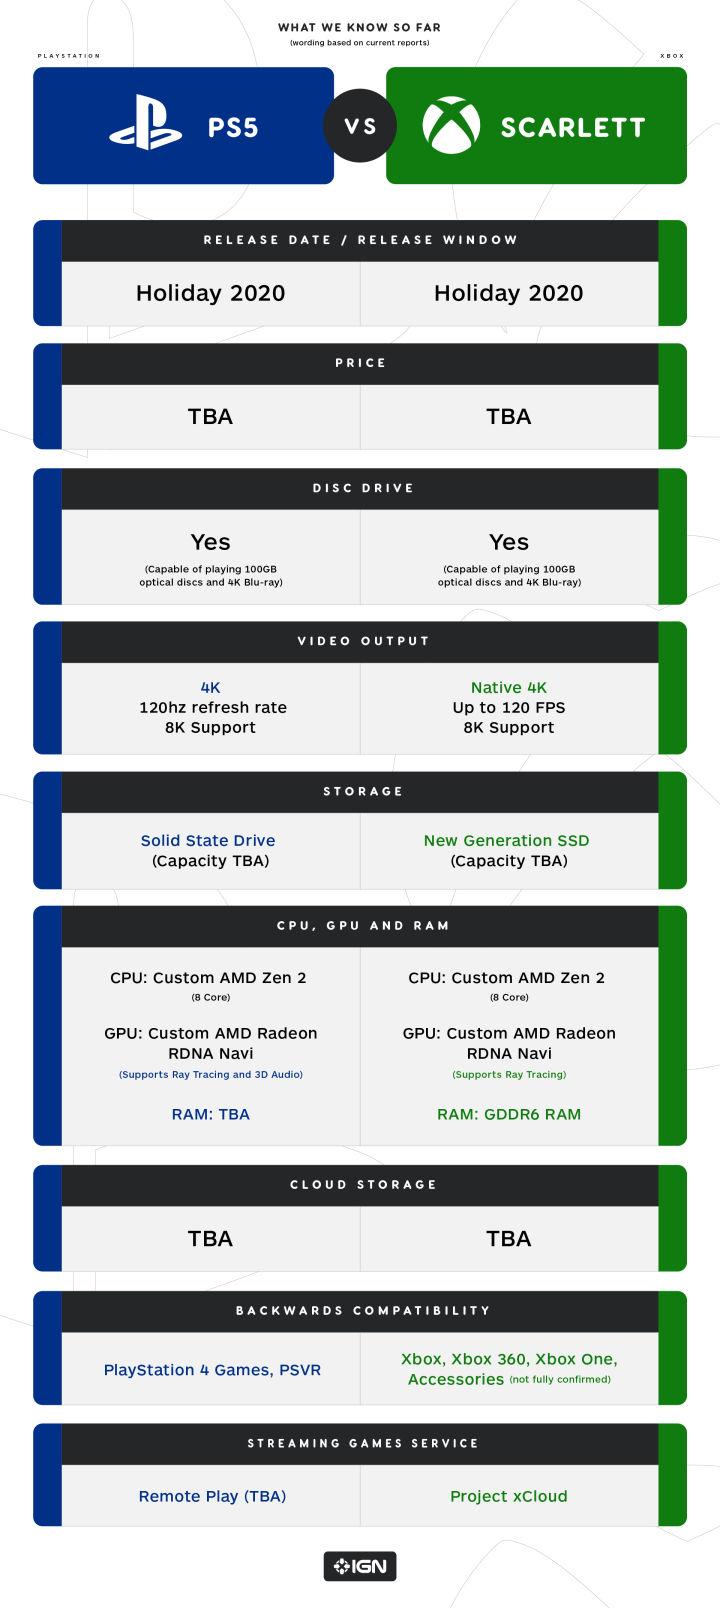 Scarlett-vs-PS5-Infographic-720x1608.jpg